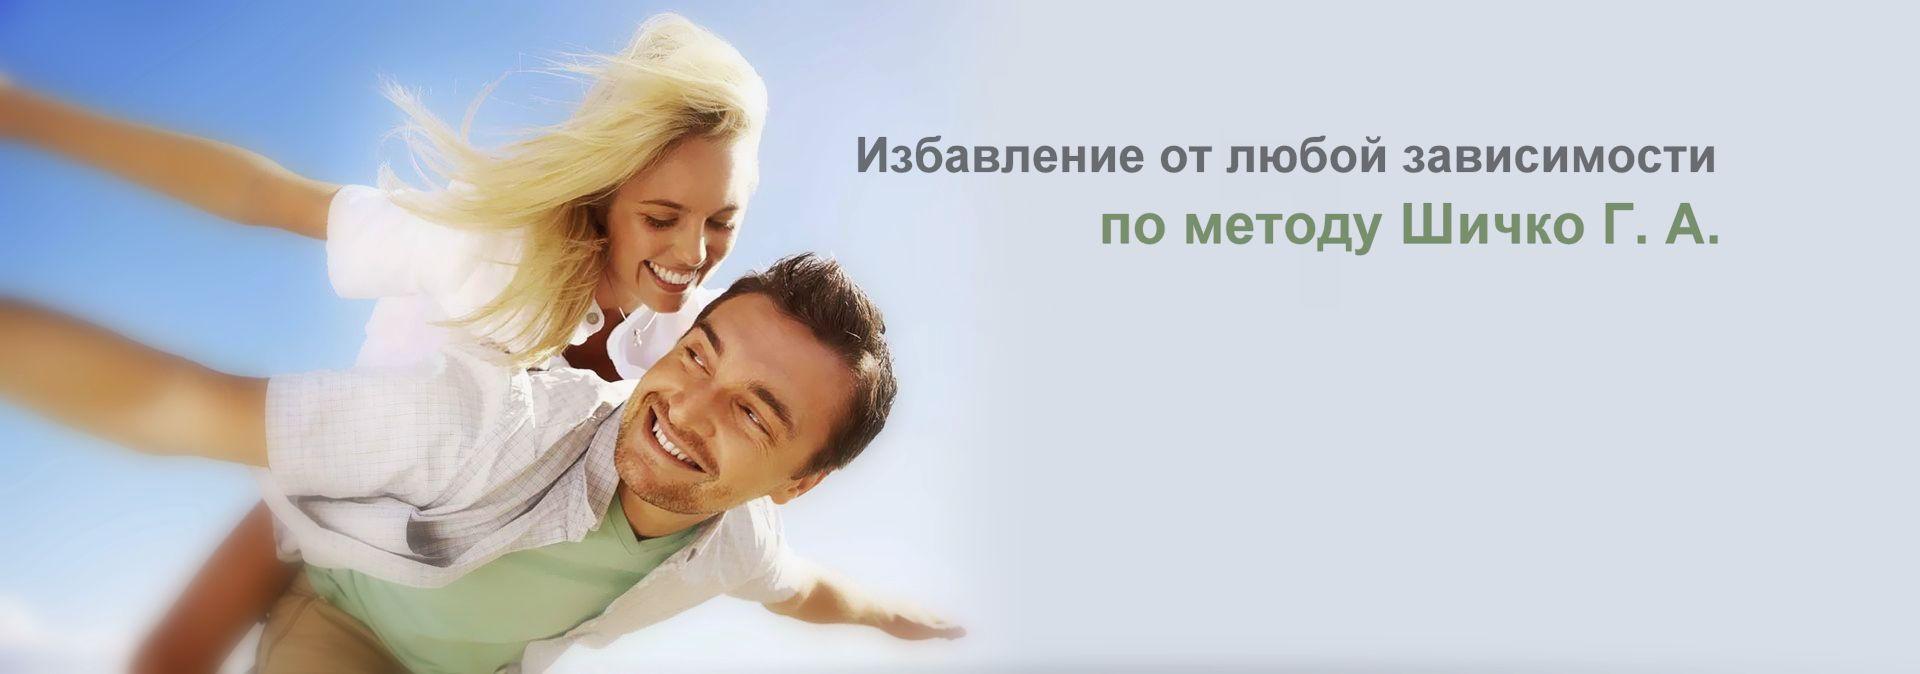 Метод Шичко для лечение алкоголизма: бросить пить алкоголь